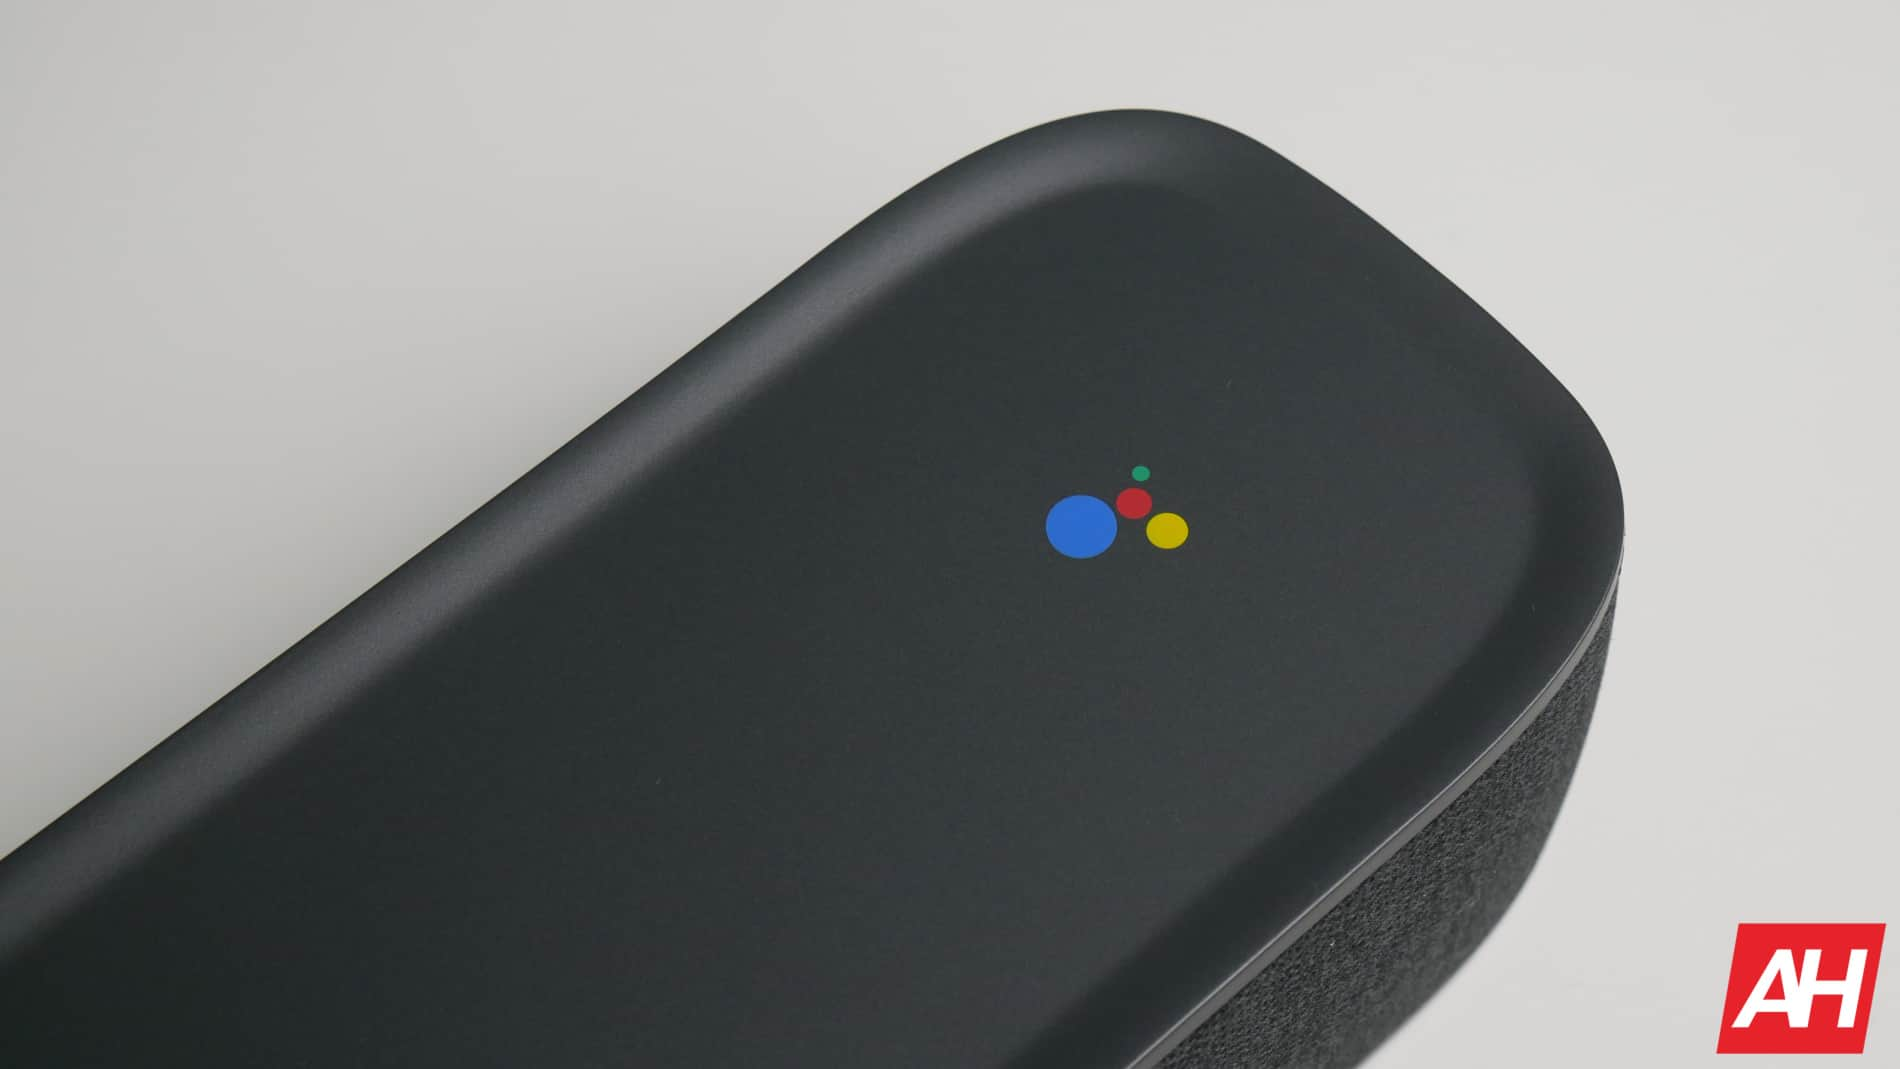 JBL Link Bar Android TV Google Assistant AH 01